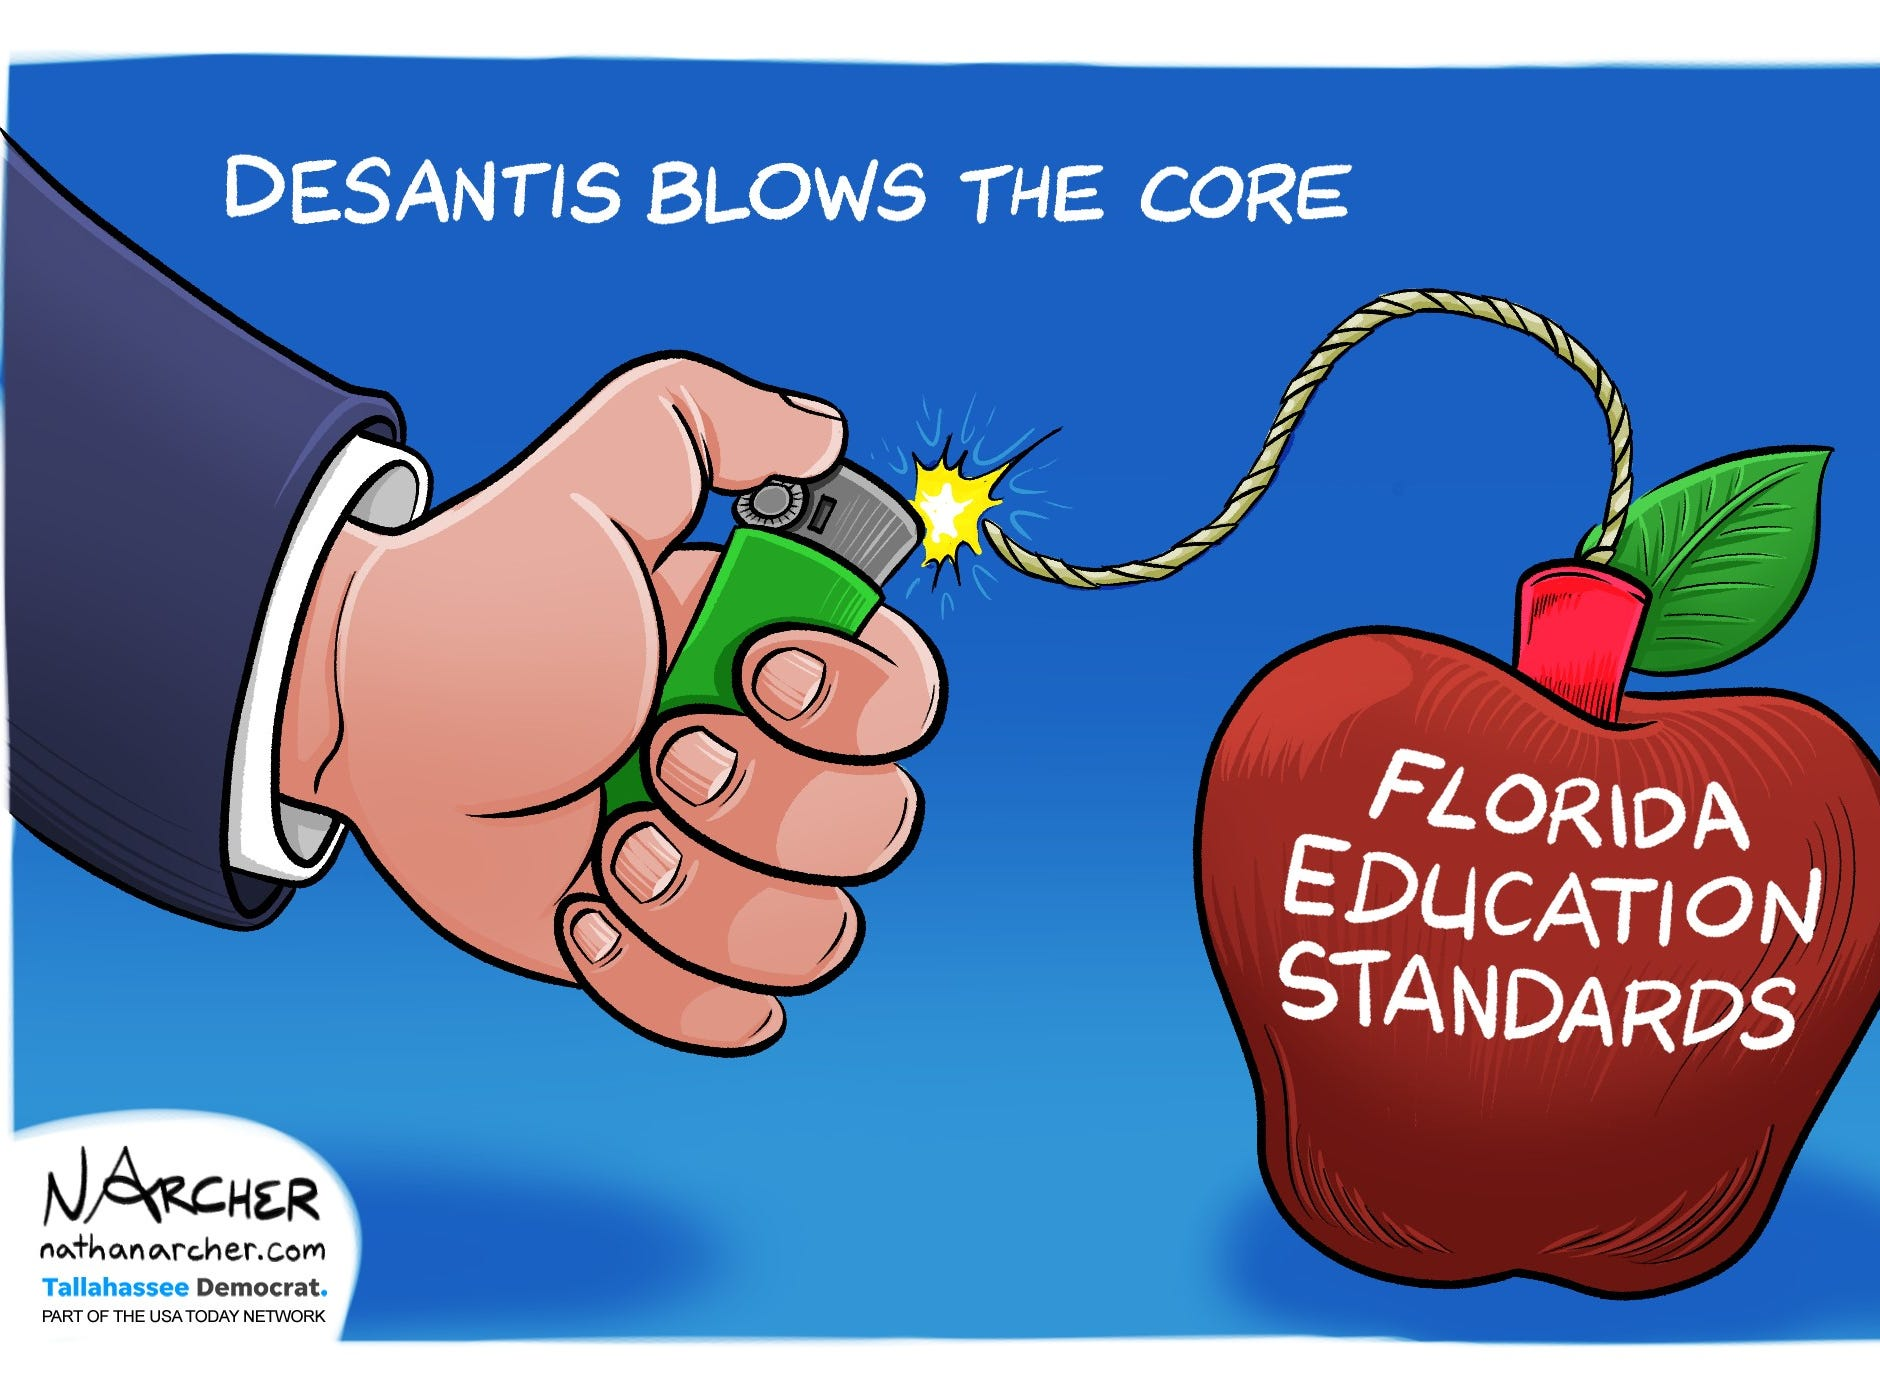 DeSantis blows the core